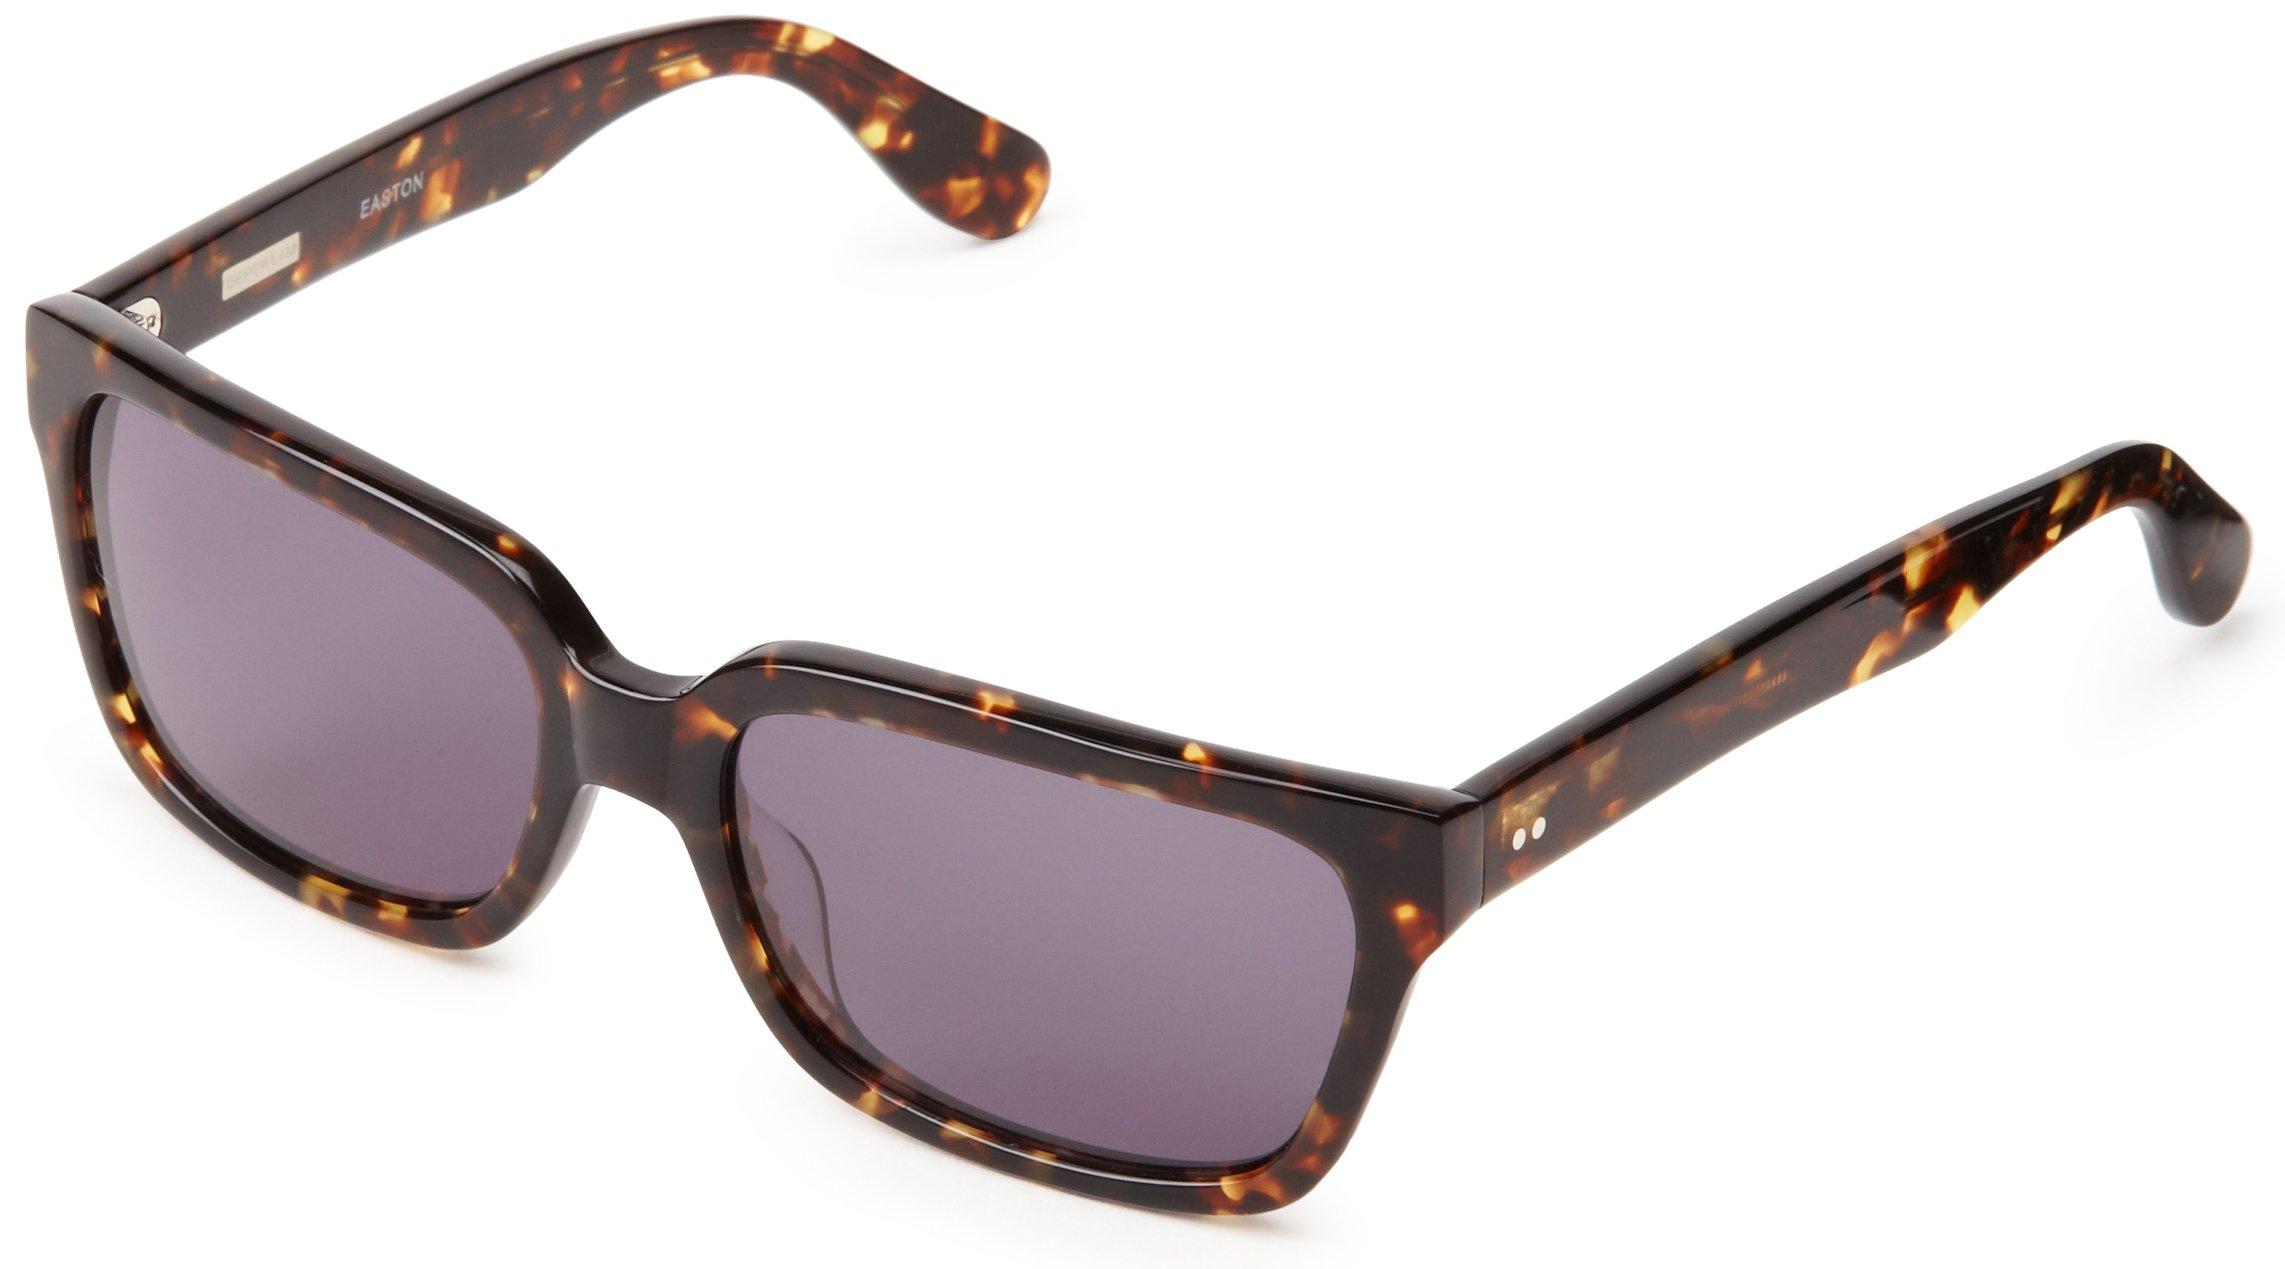 Derek Lam Easton Square Sunglasses, Dark Tortoise, 51 mm by Derek Lam